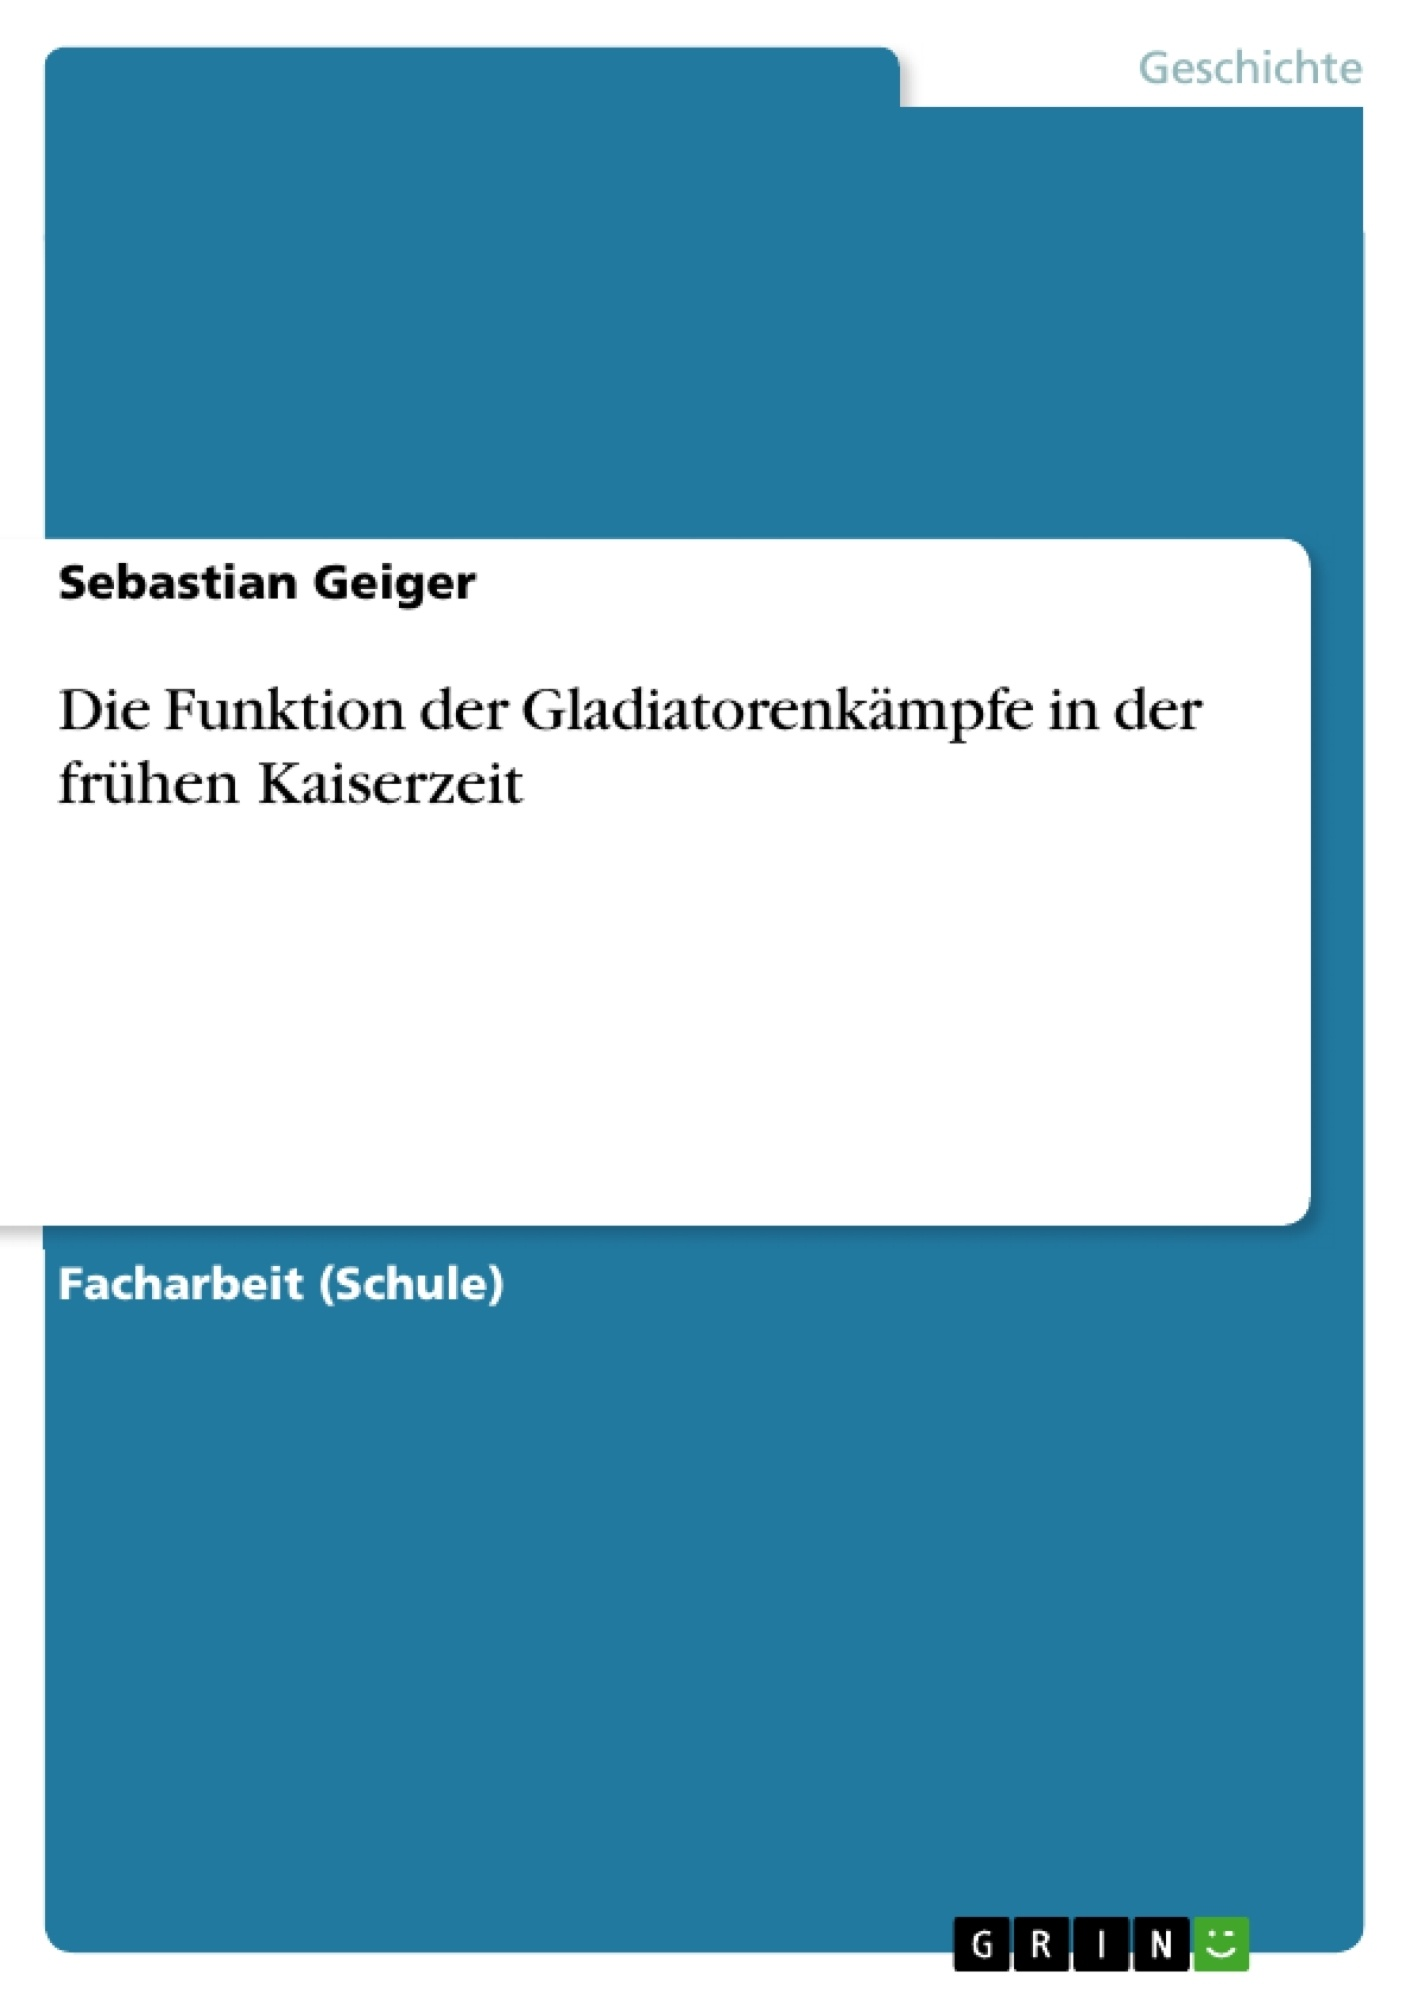 Titel: Die Funktion der Gladiatorenkämpfe in der frühen Kaiserzeit